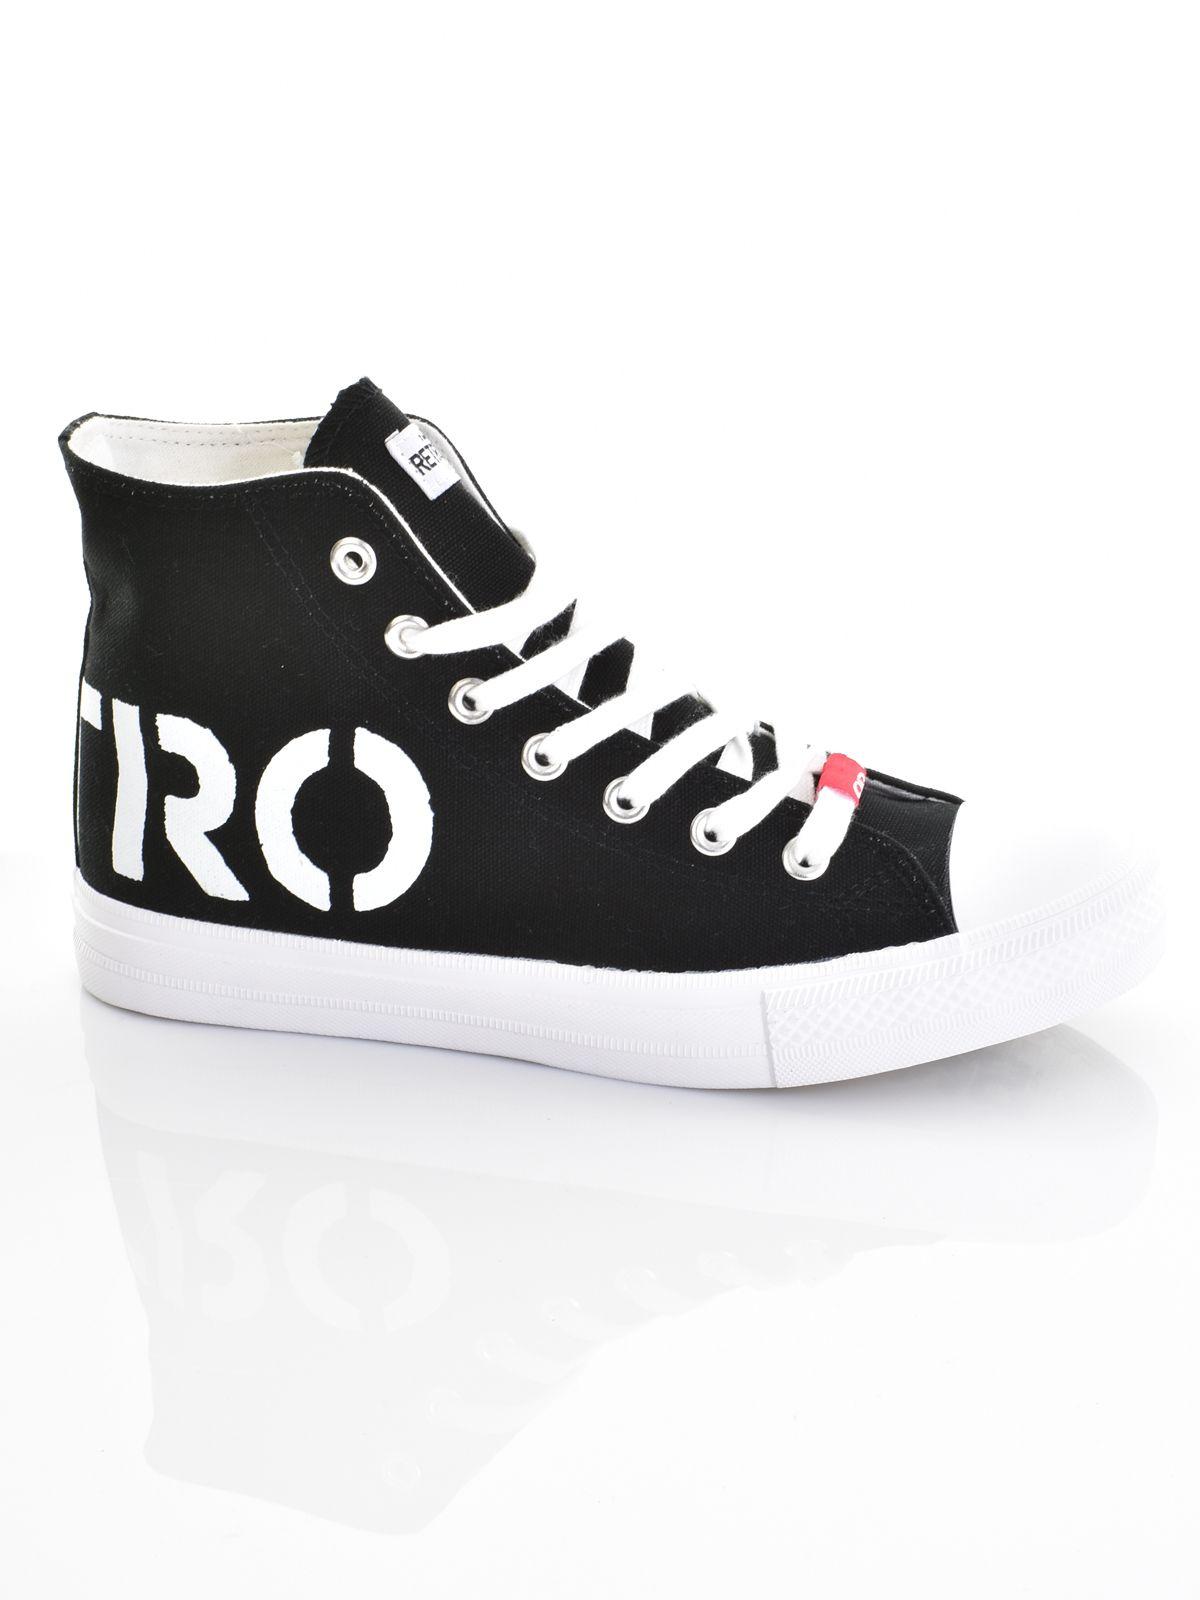 158c4478c5 Retro Jeans férfi magasszárú cipő CLAXTON HIGH SNEAKERS | Markasbolt ...